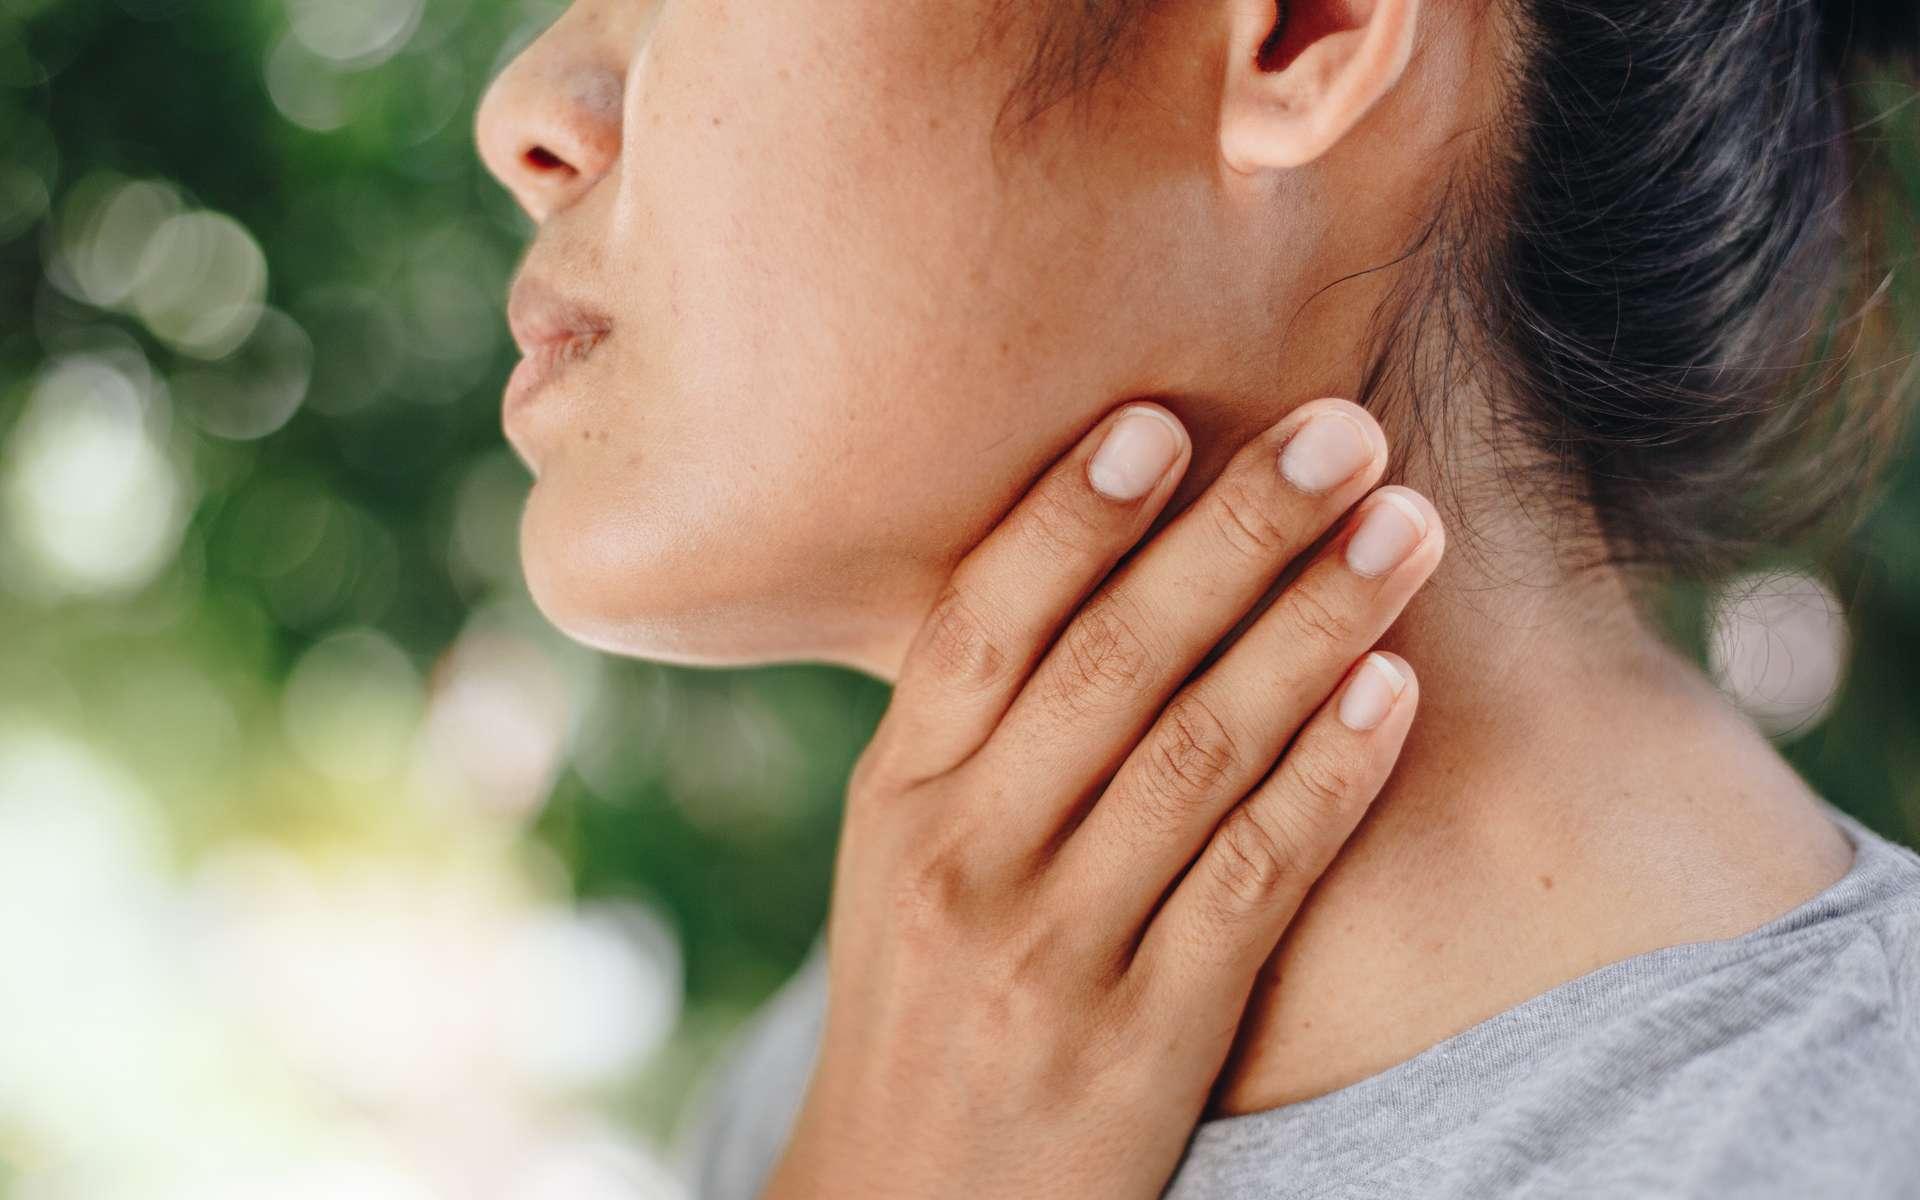 Les cancers de la tête et du cou représentent 4 % des cancers dans le monde. © anut21ng Stock, Adobe Stock